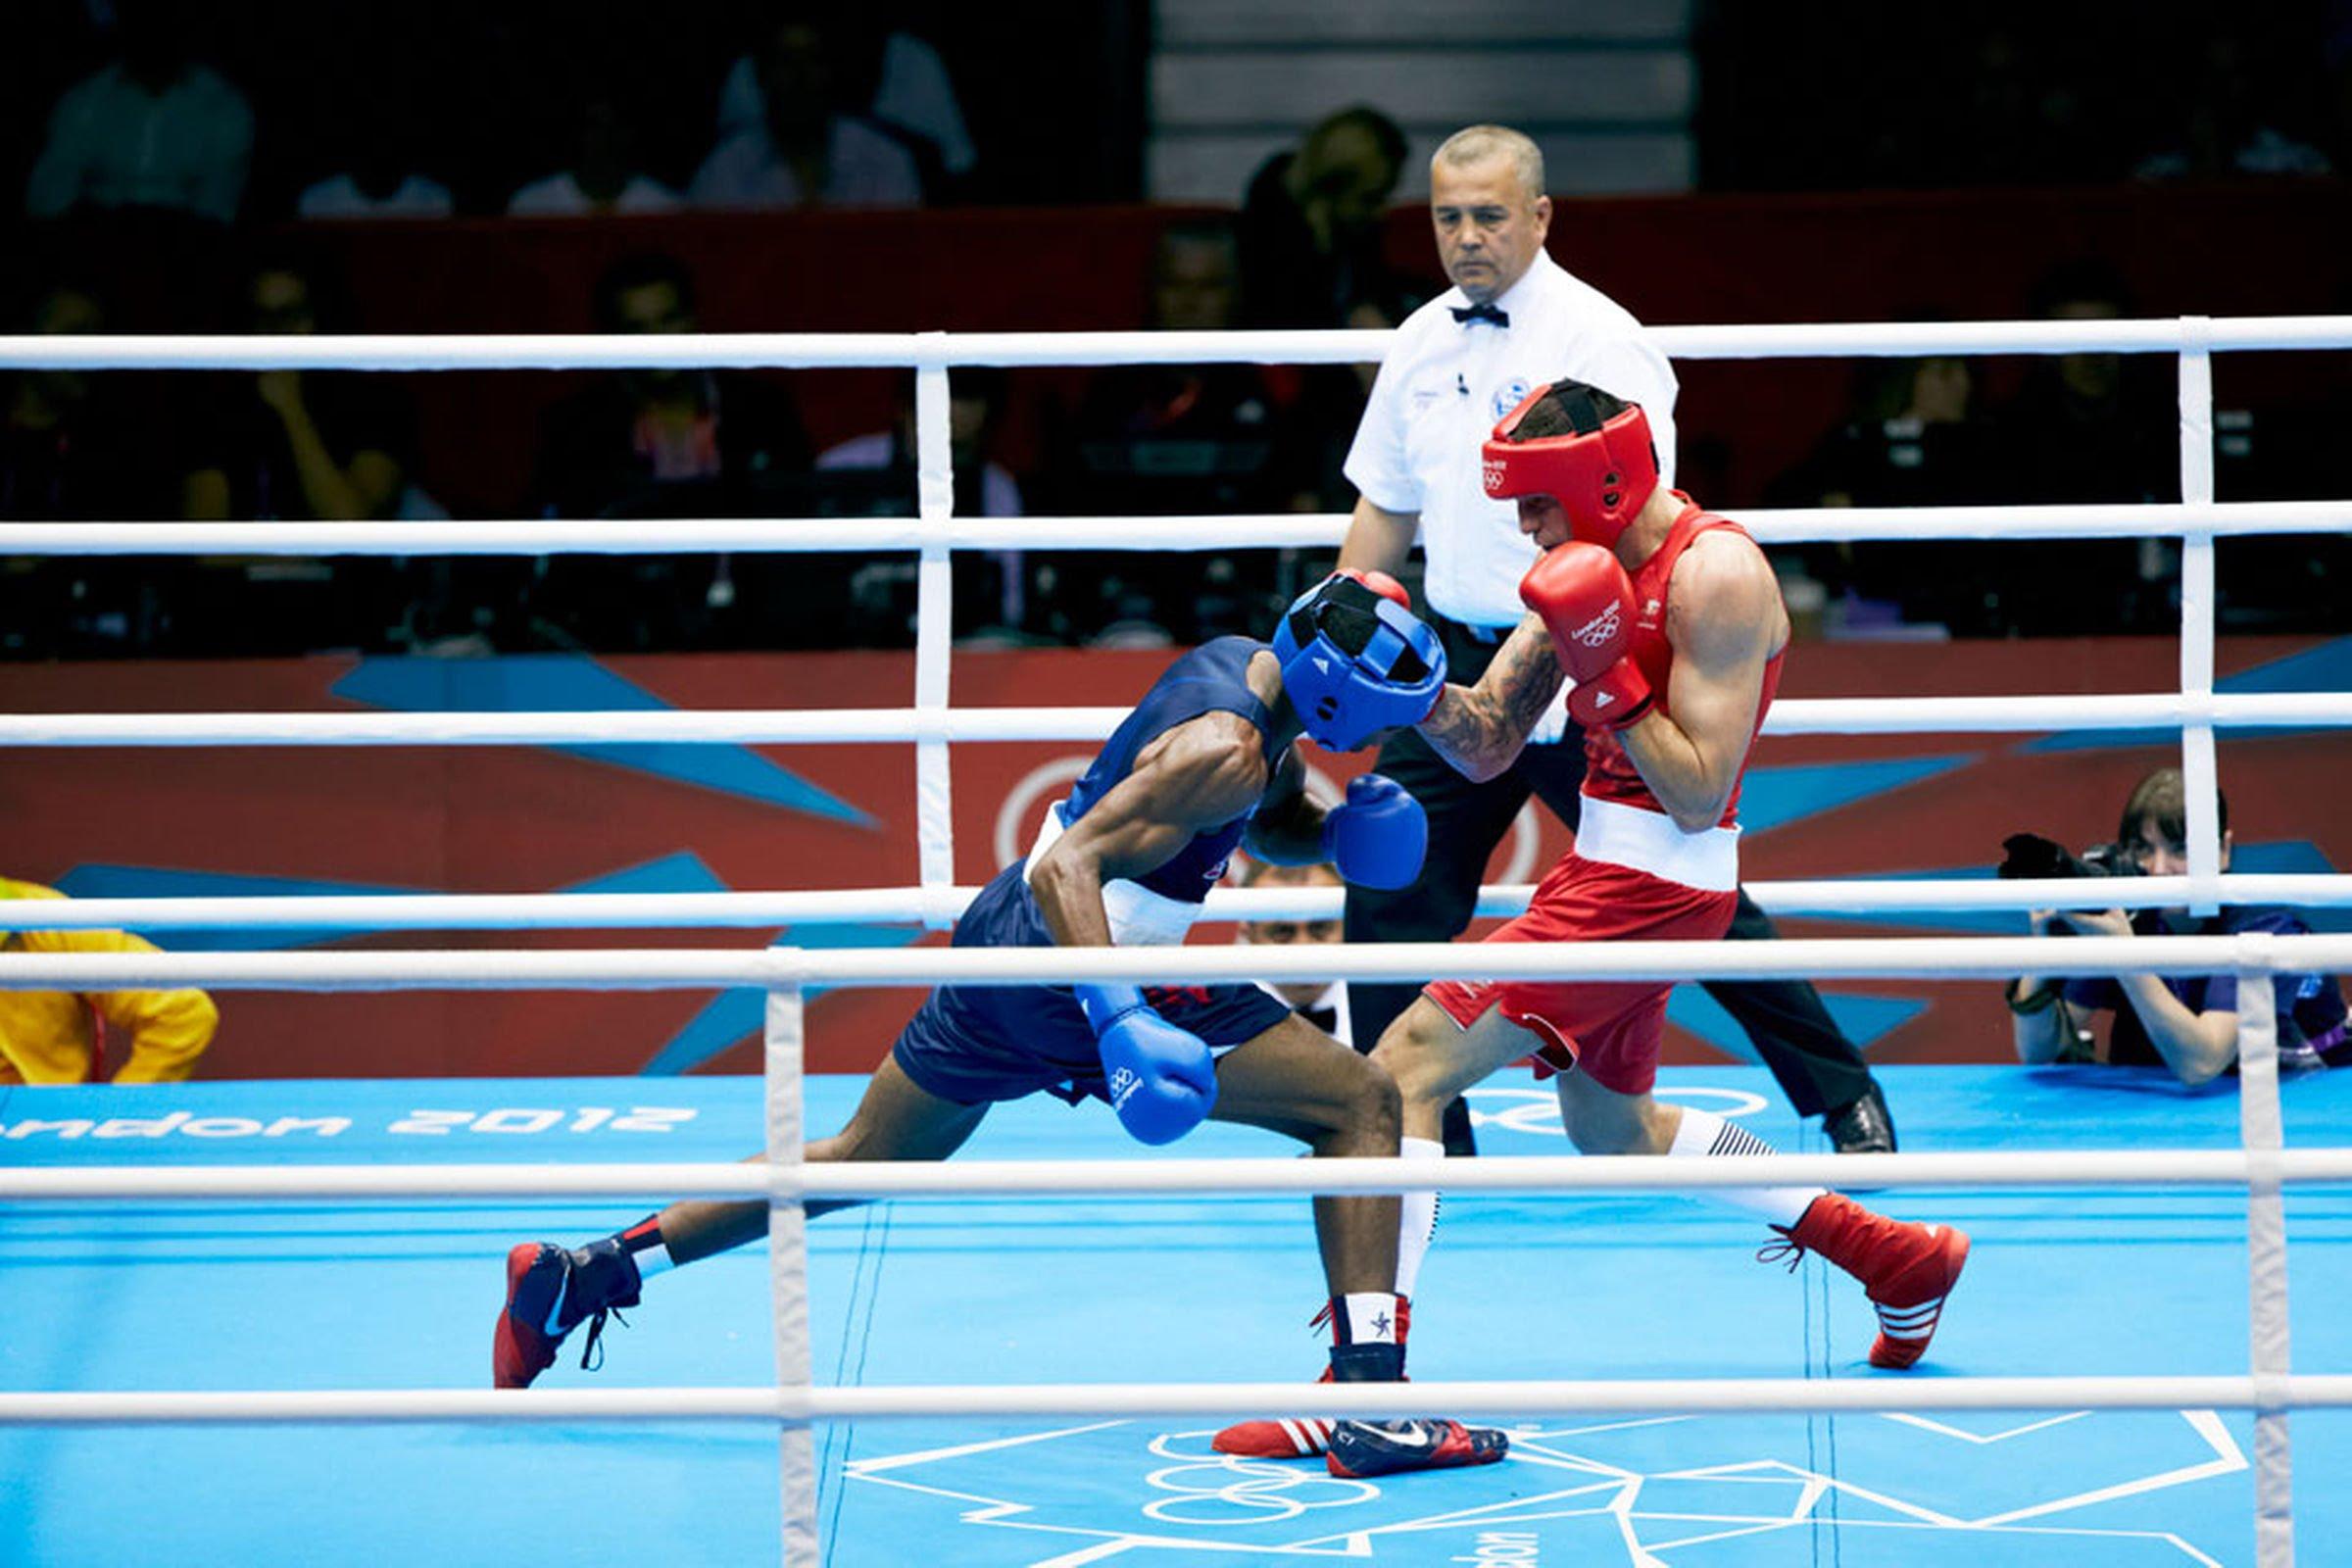 все виды спорта картинки бокс вот она